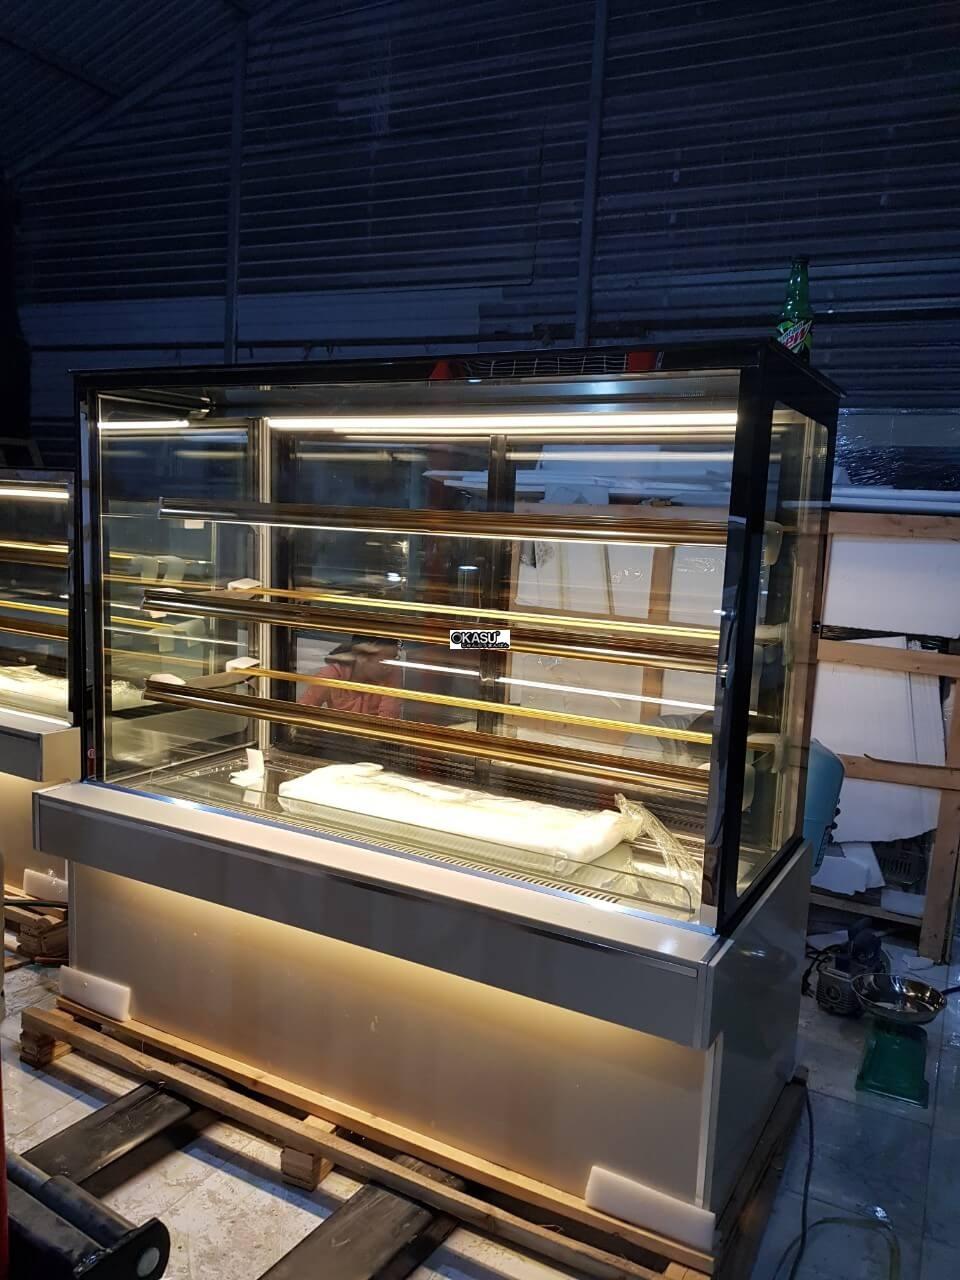 Tủ trưng bày bánh kem 4 tầng OKASU OKA-1500M - ảnh 4